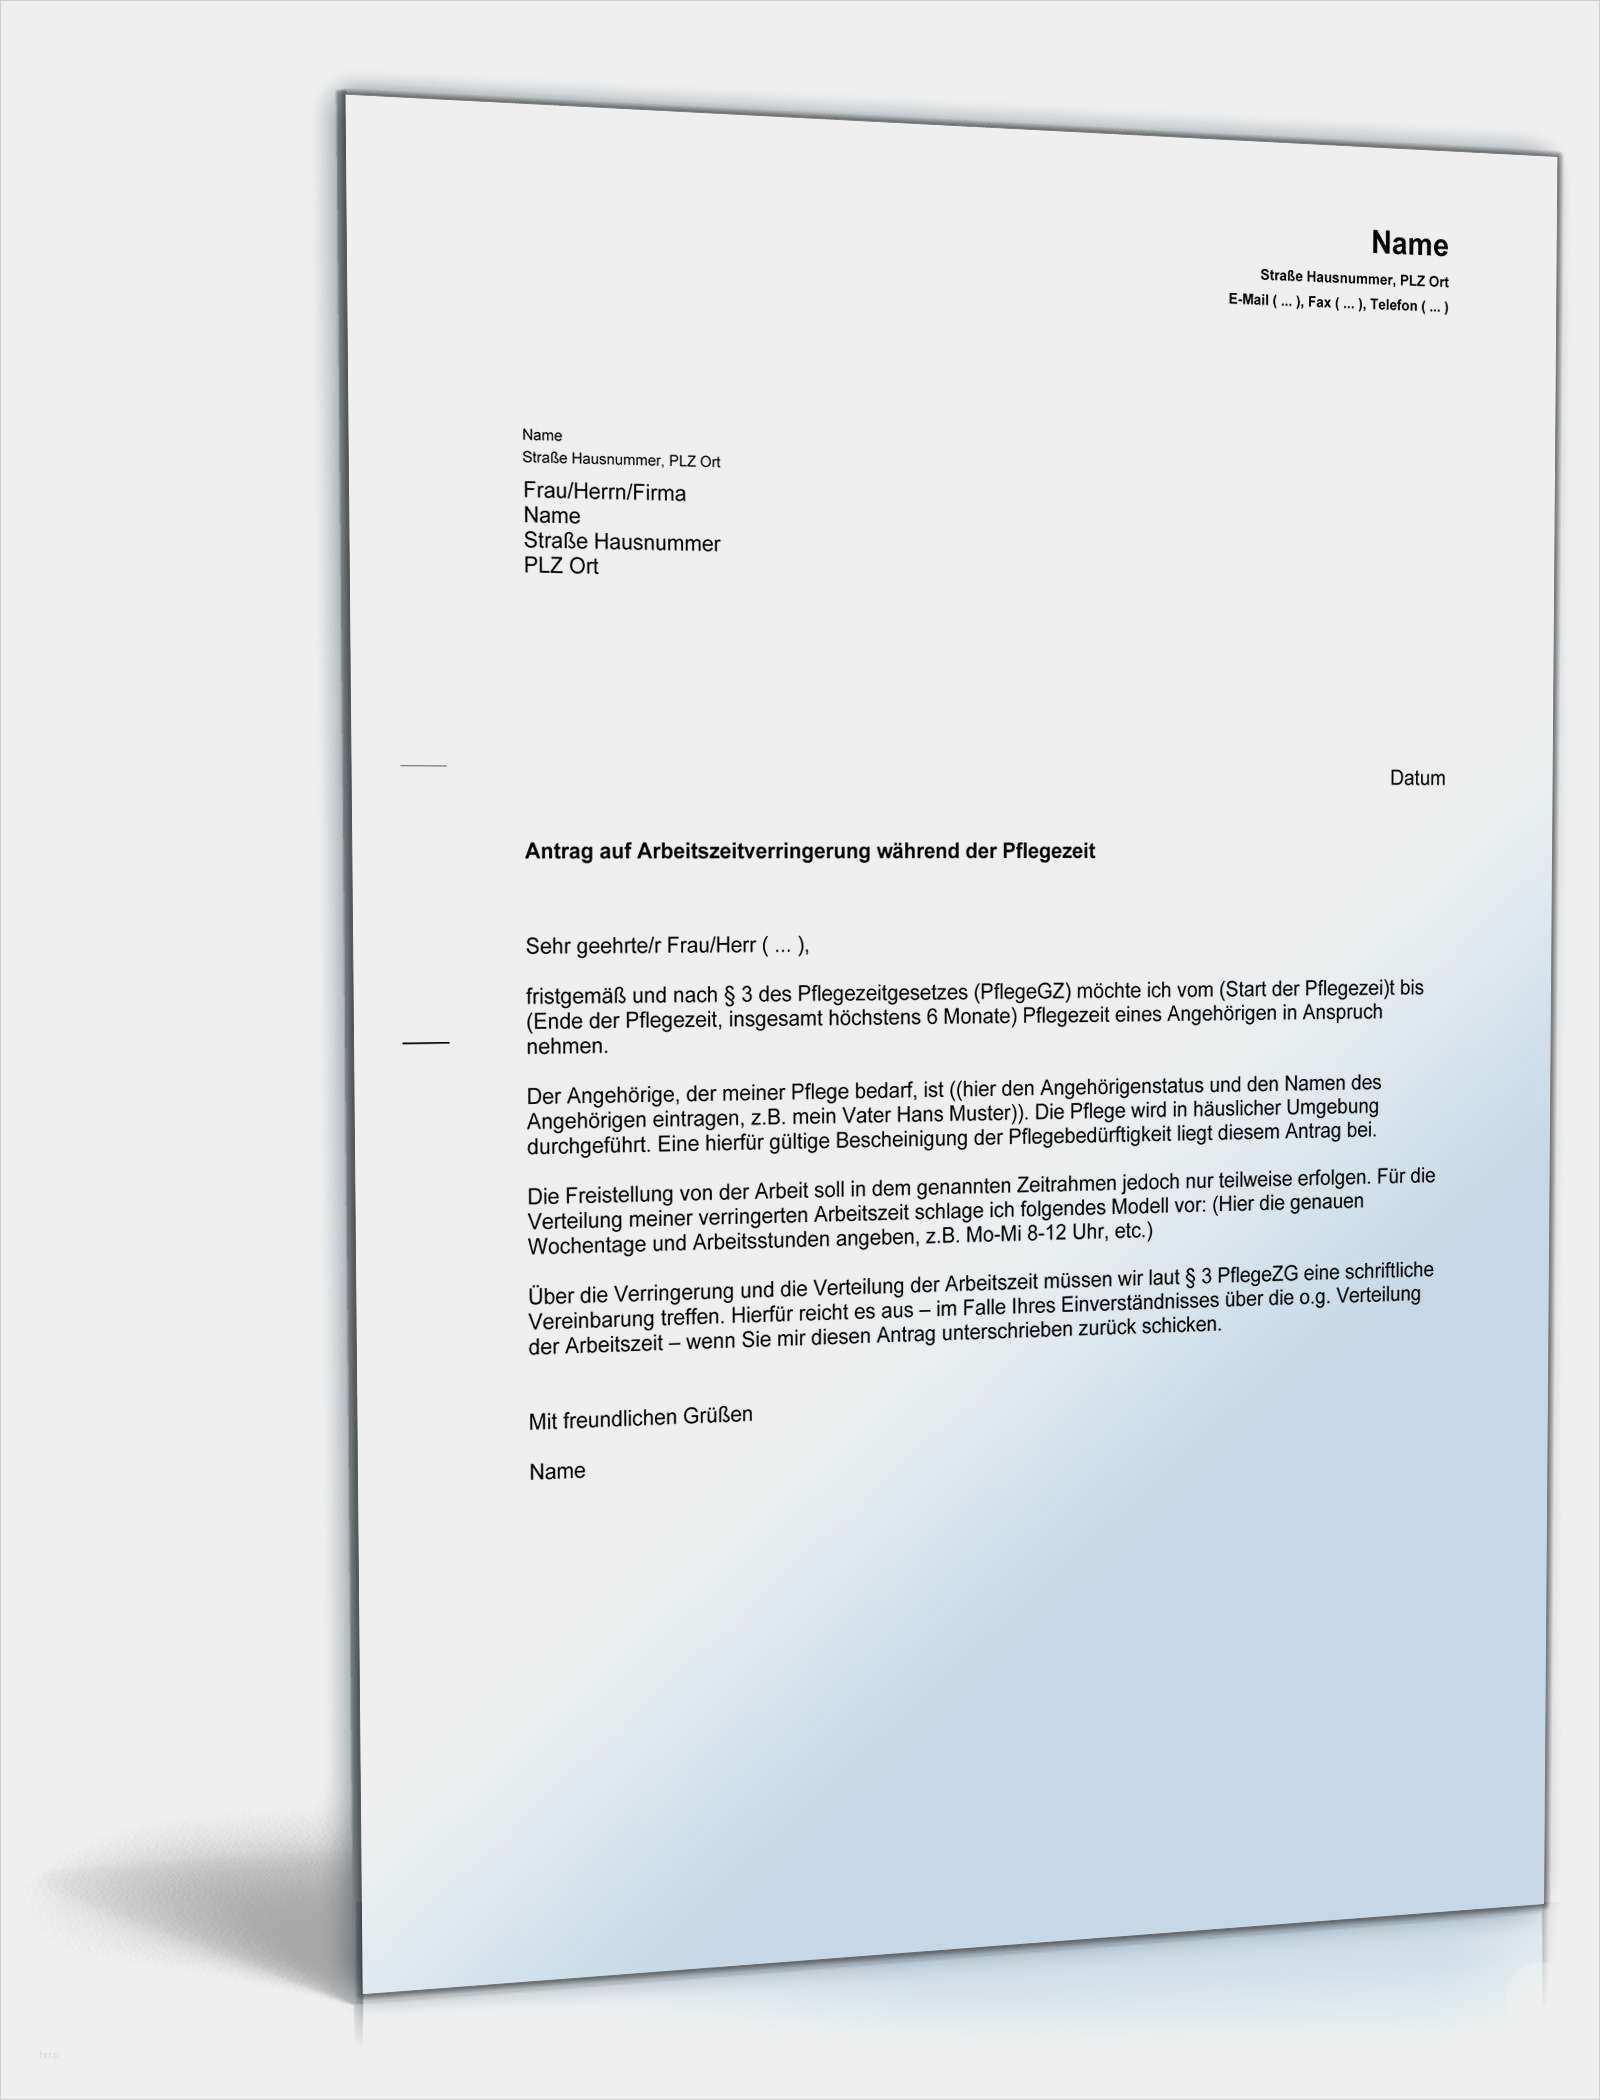 35 Angenehm Antrag Auf Ratenzahlung Gerichtskosten Vorlage Modelle Vorlagen Vorlagen Lebenslauf Microsoft Word